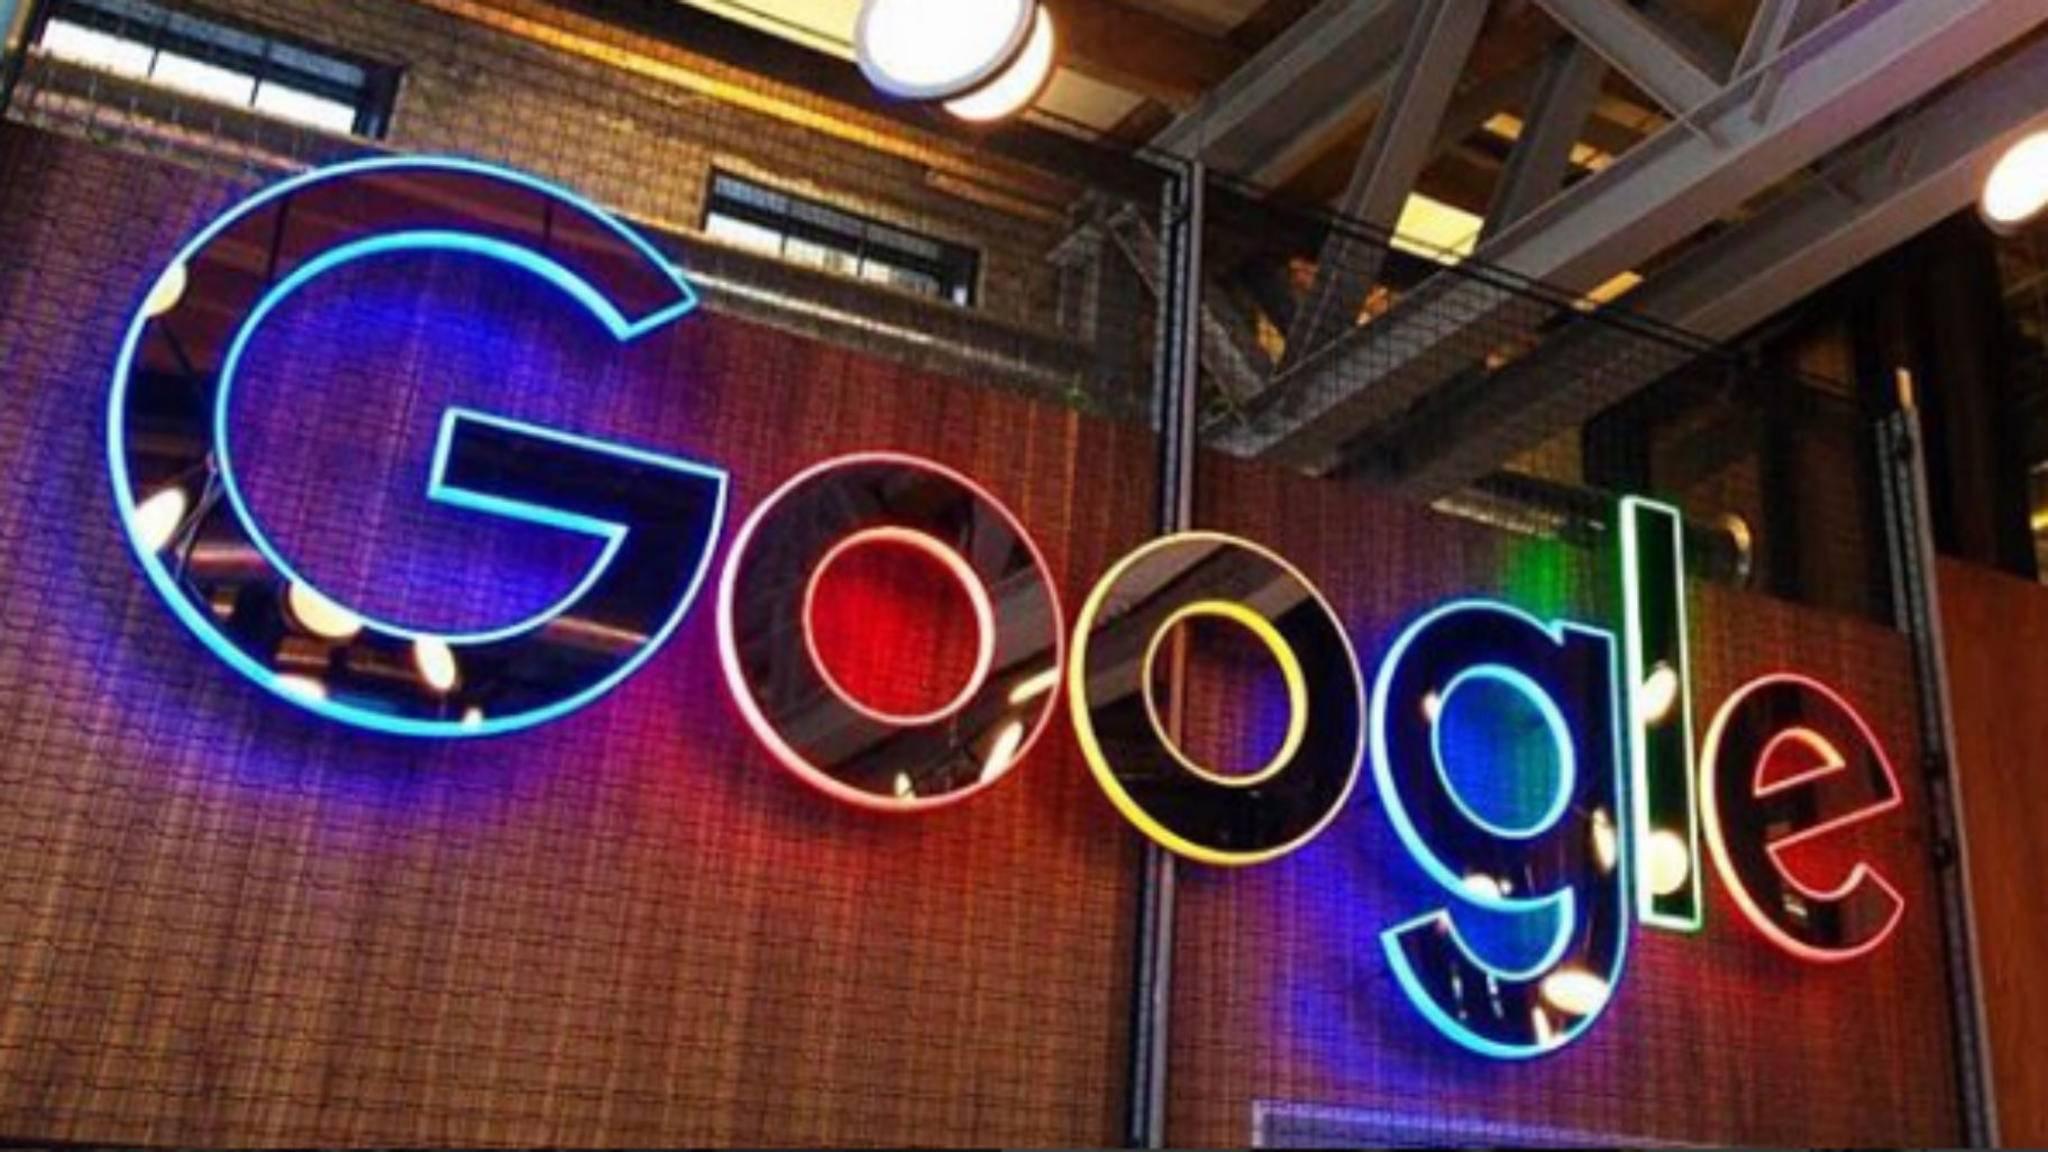 Google feiert seinen 20. Geburtstag.